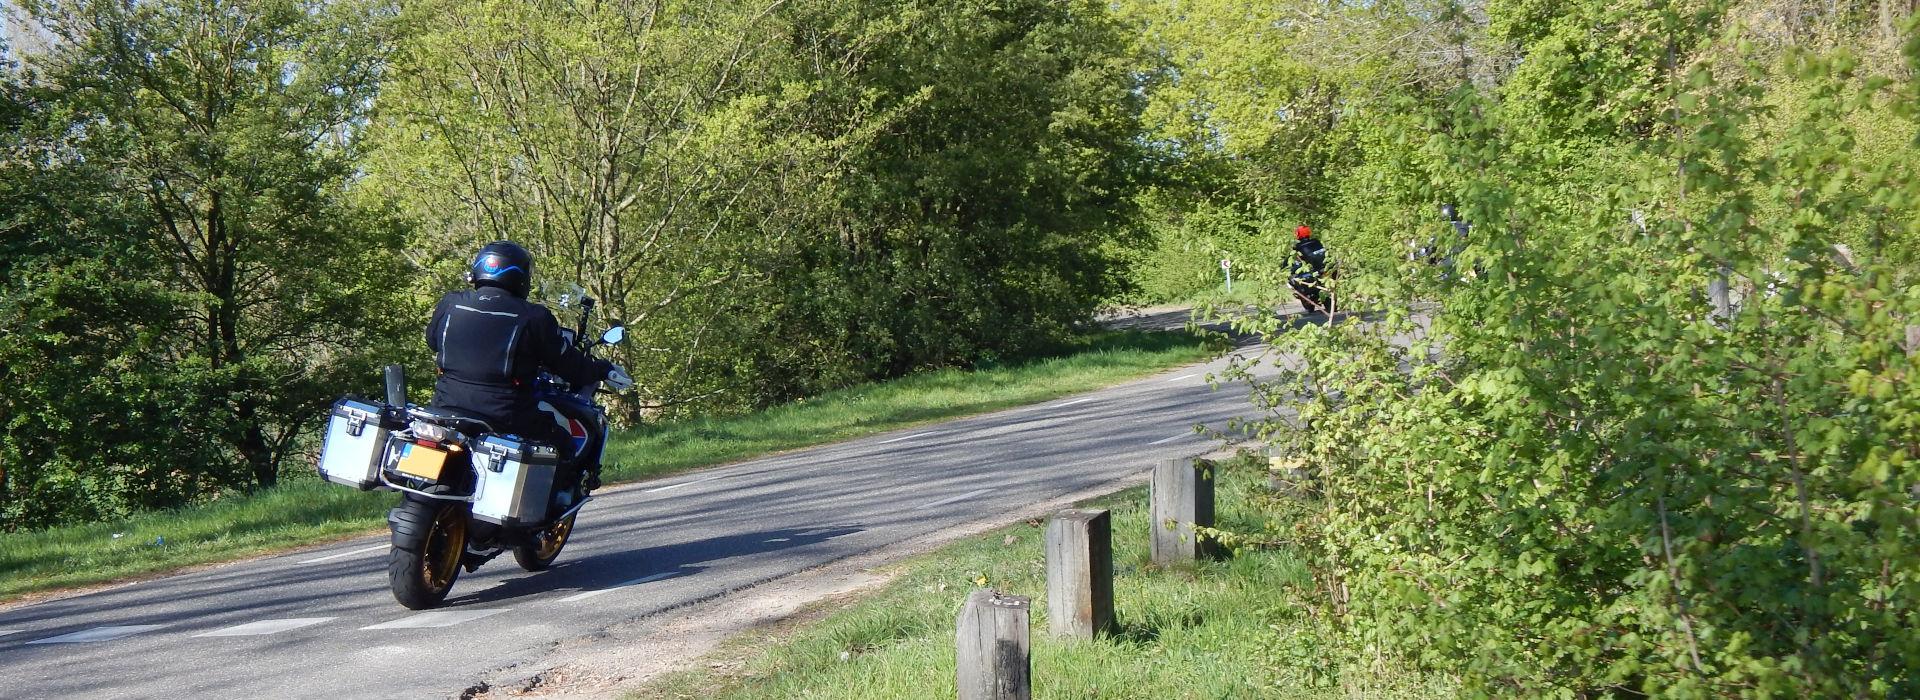 Motorrijschool Motorrijbewijspoint Etten Leur motorrijlessen